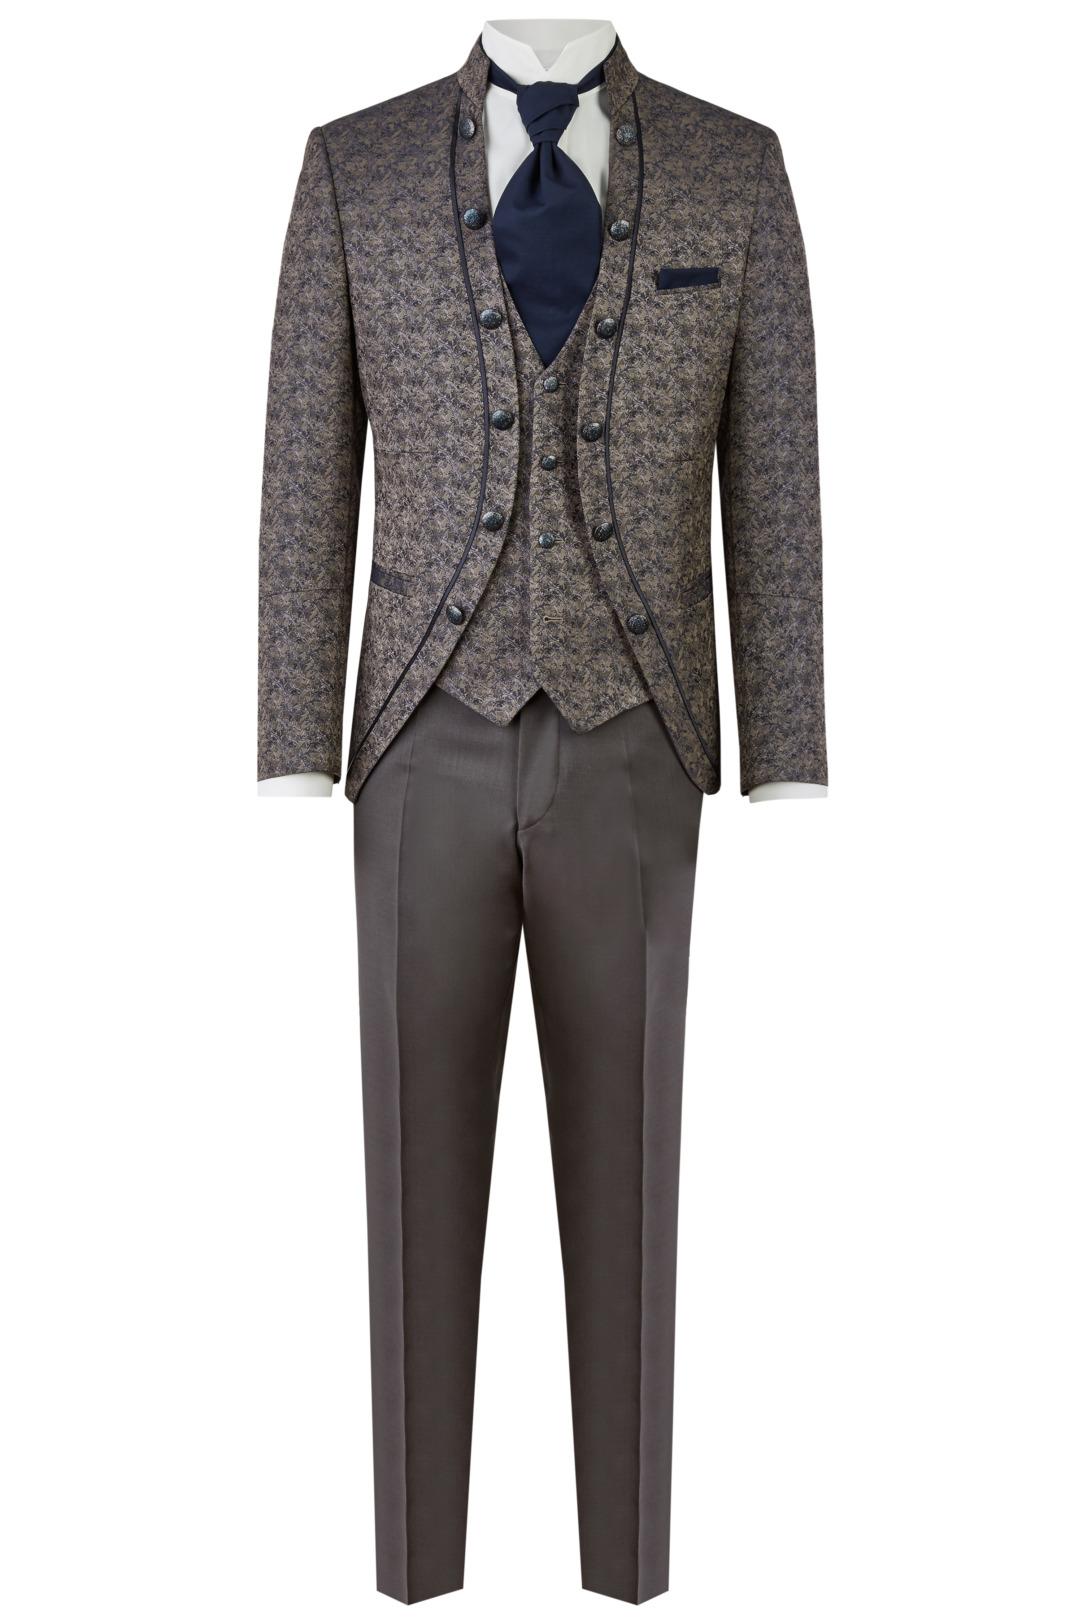 Wilvorst Tziacco Hochzeitsanzug Männer Mode Bräutigam extravagant braun mit gemustertem Jacket wil_0121_otf_tz-look-1_1